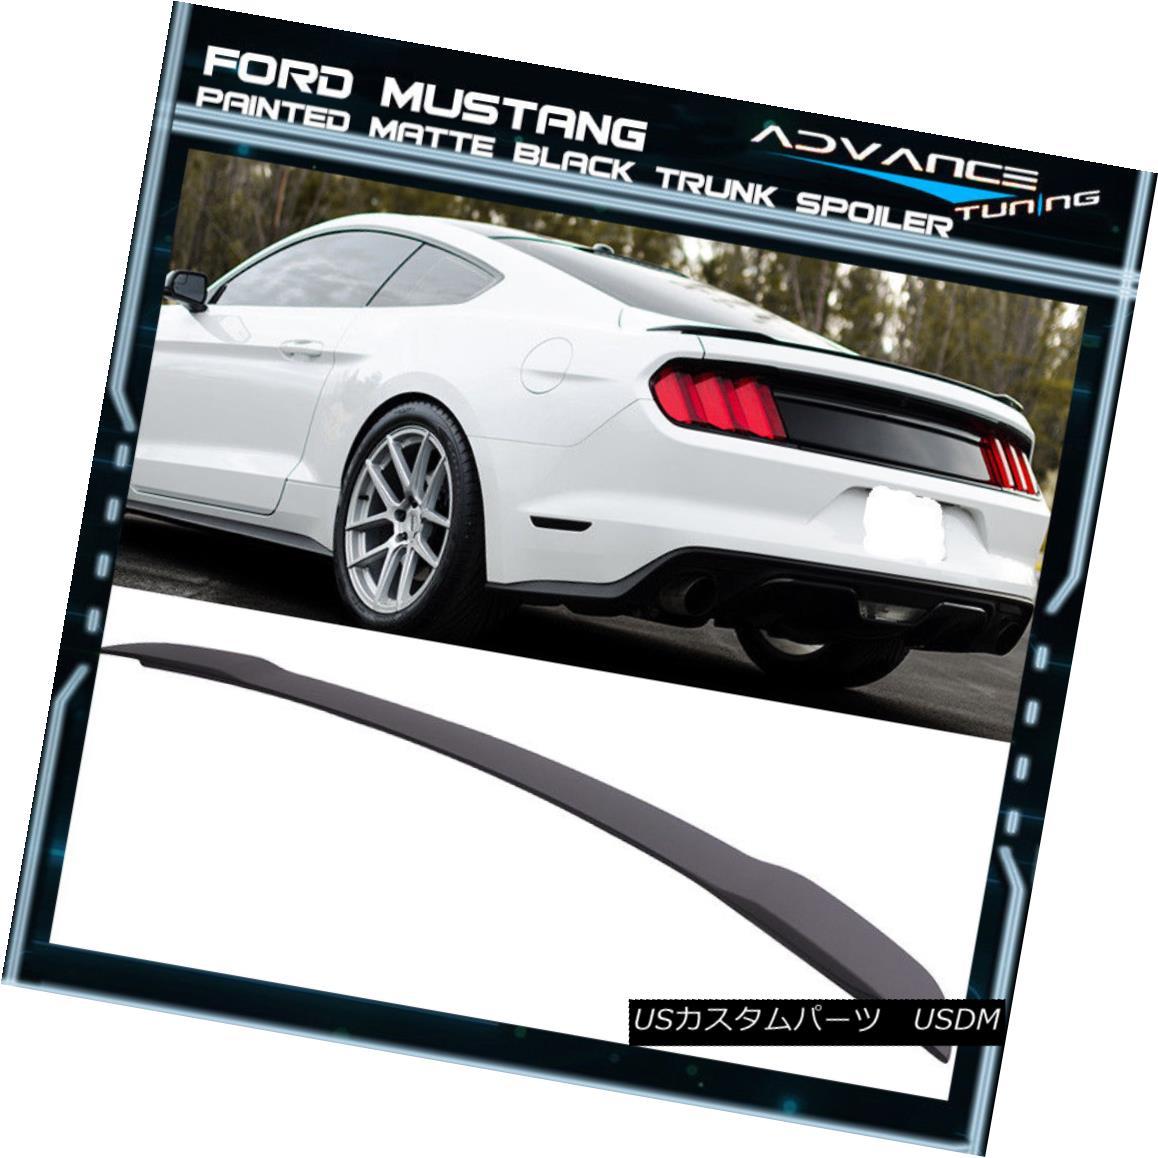 エアロパーツ 15-18 Ford Mustang GT Style Painted Matte Black Trunk Spoiler - ABS 15-18フォードマスタングGTスタイル塗装マットブラックトランクスポイラー - ABS